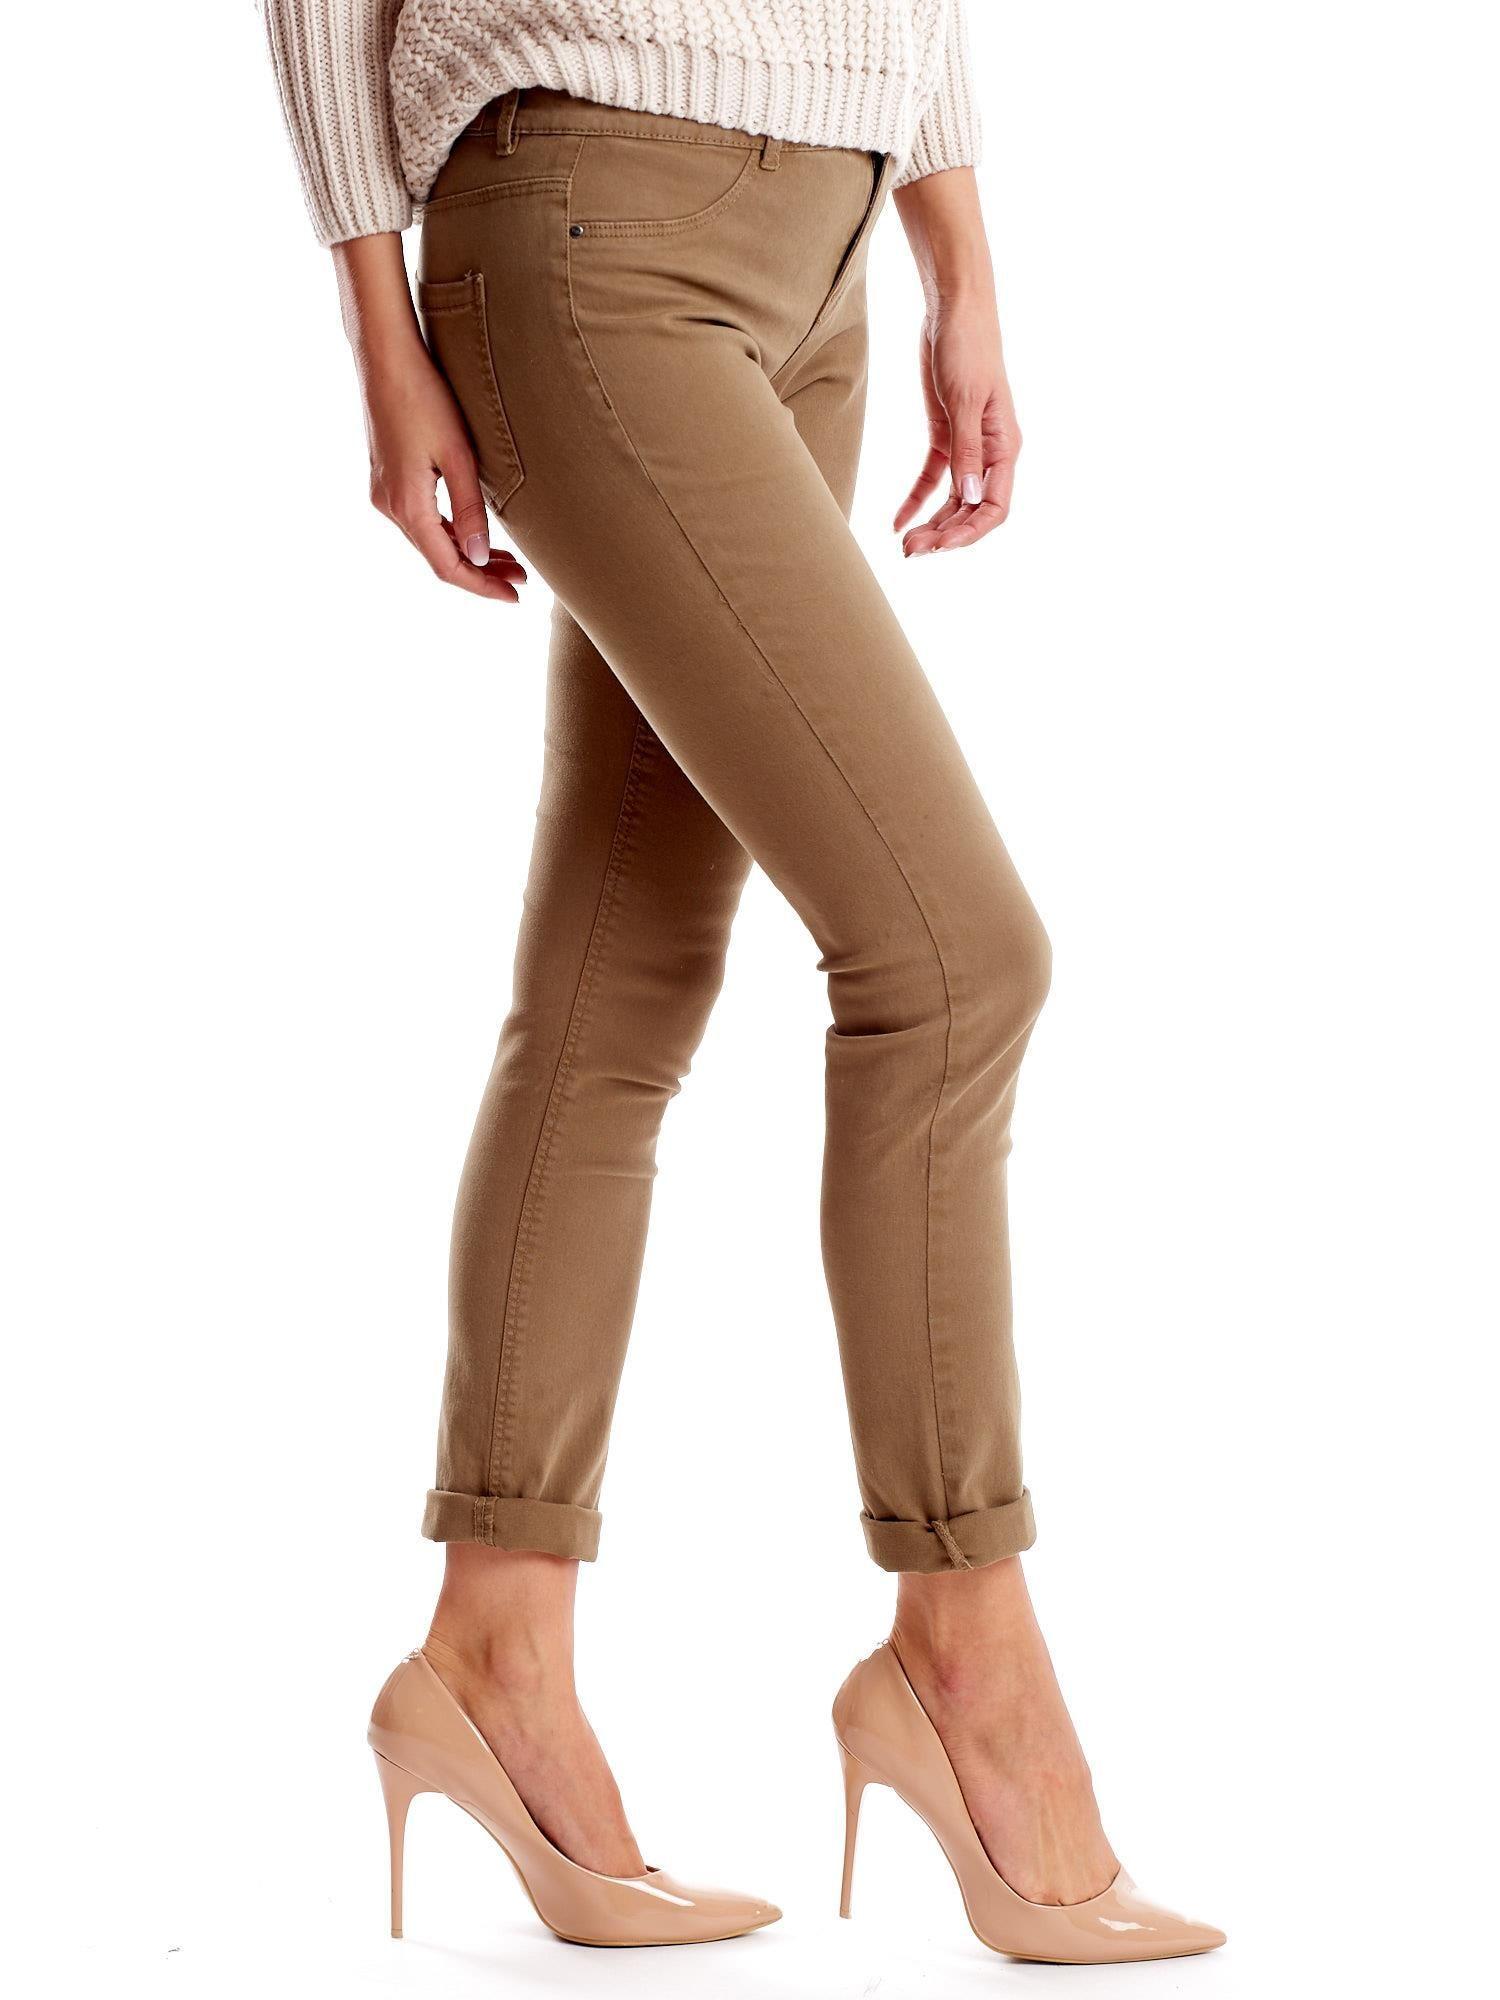 fajne damskie i wygodne spodnie